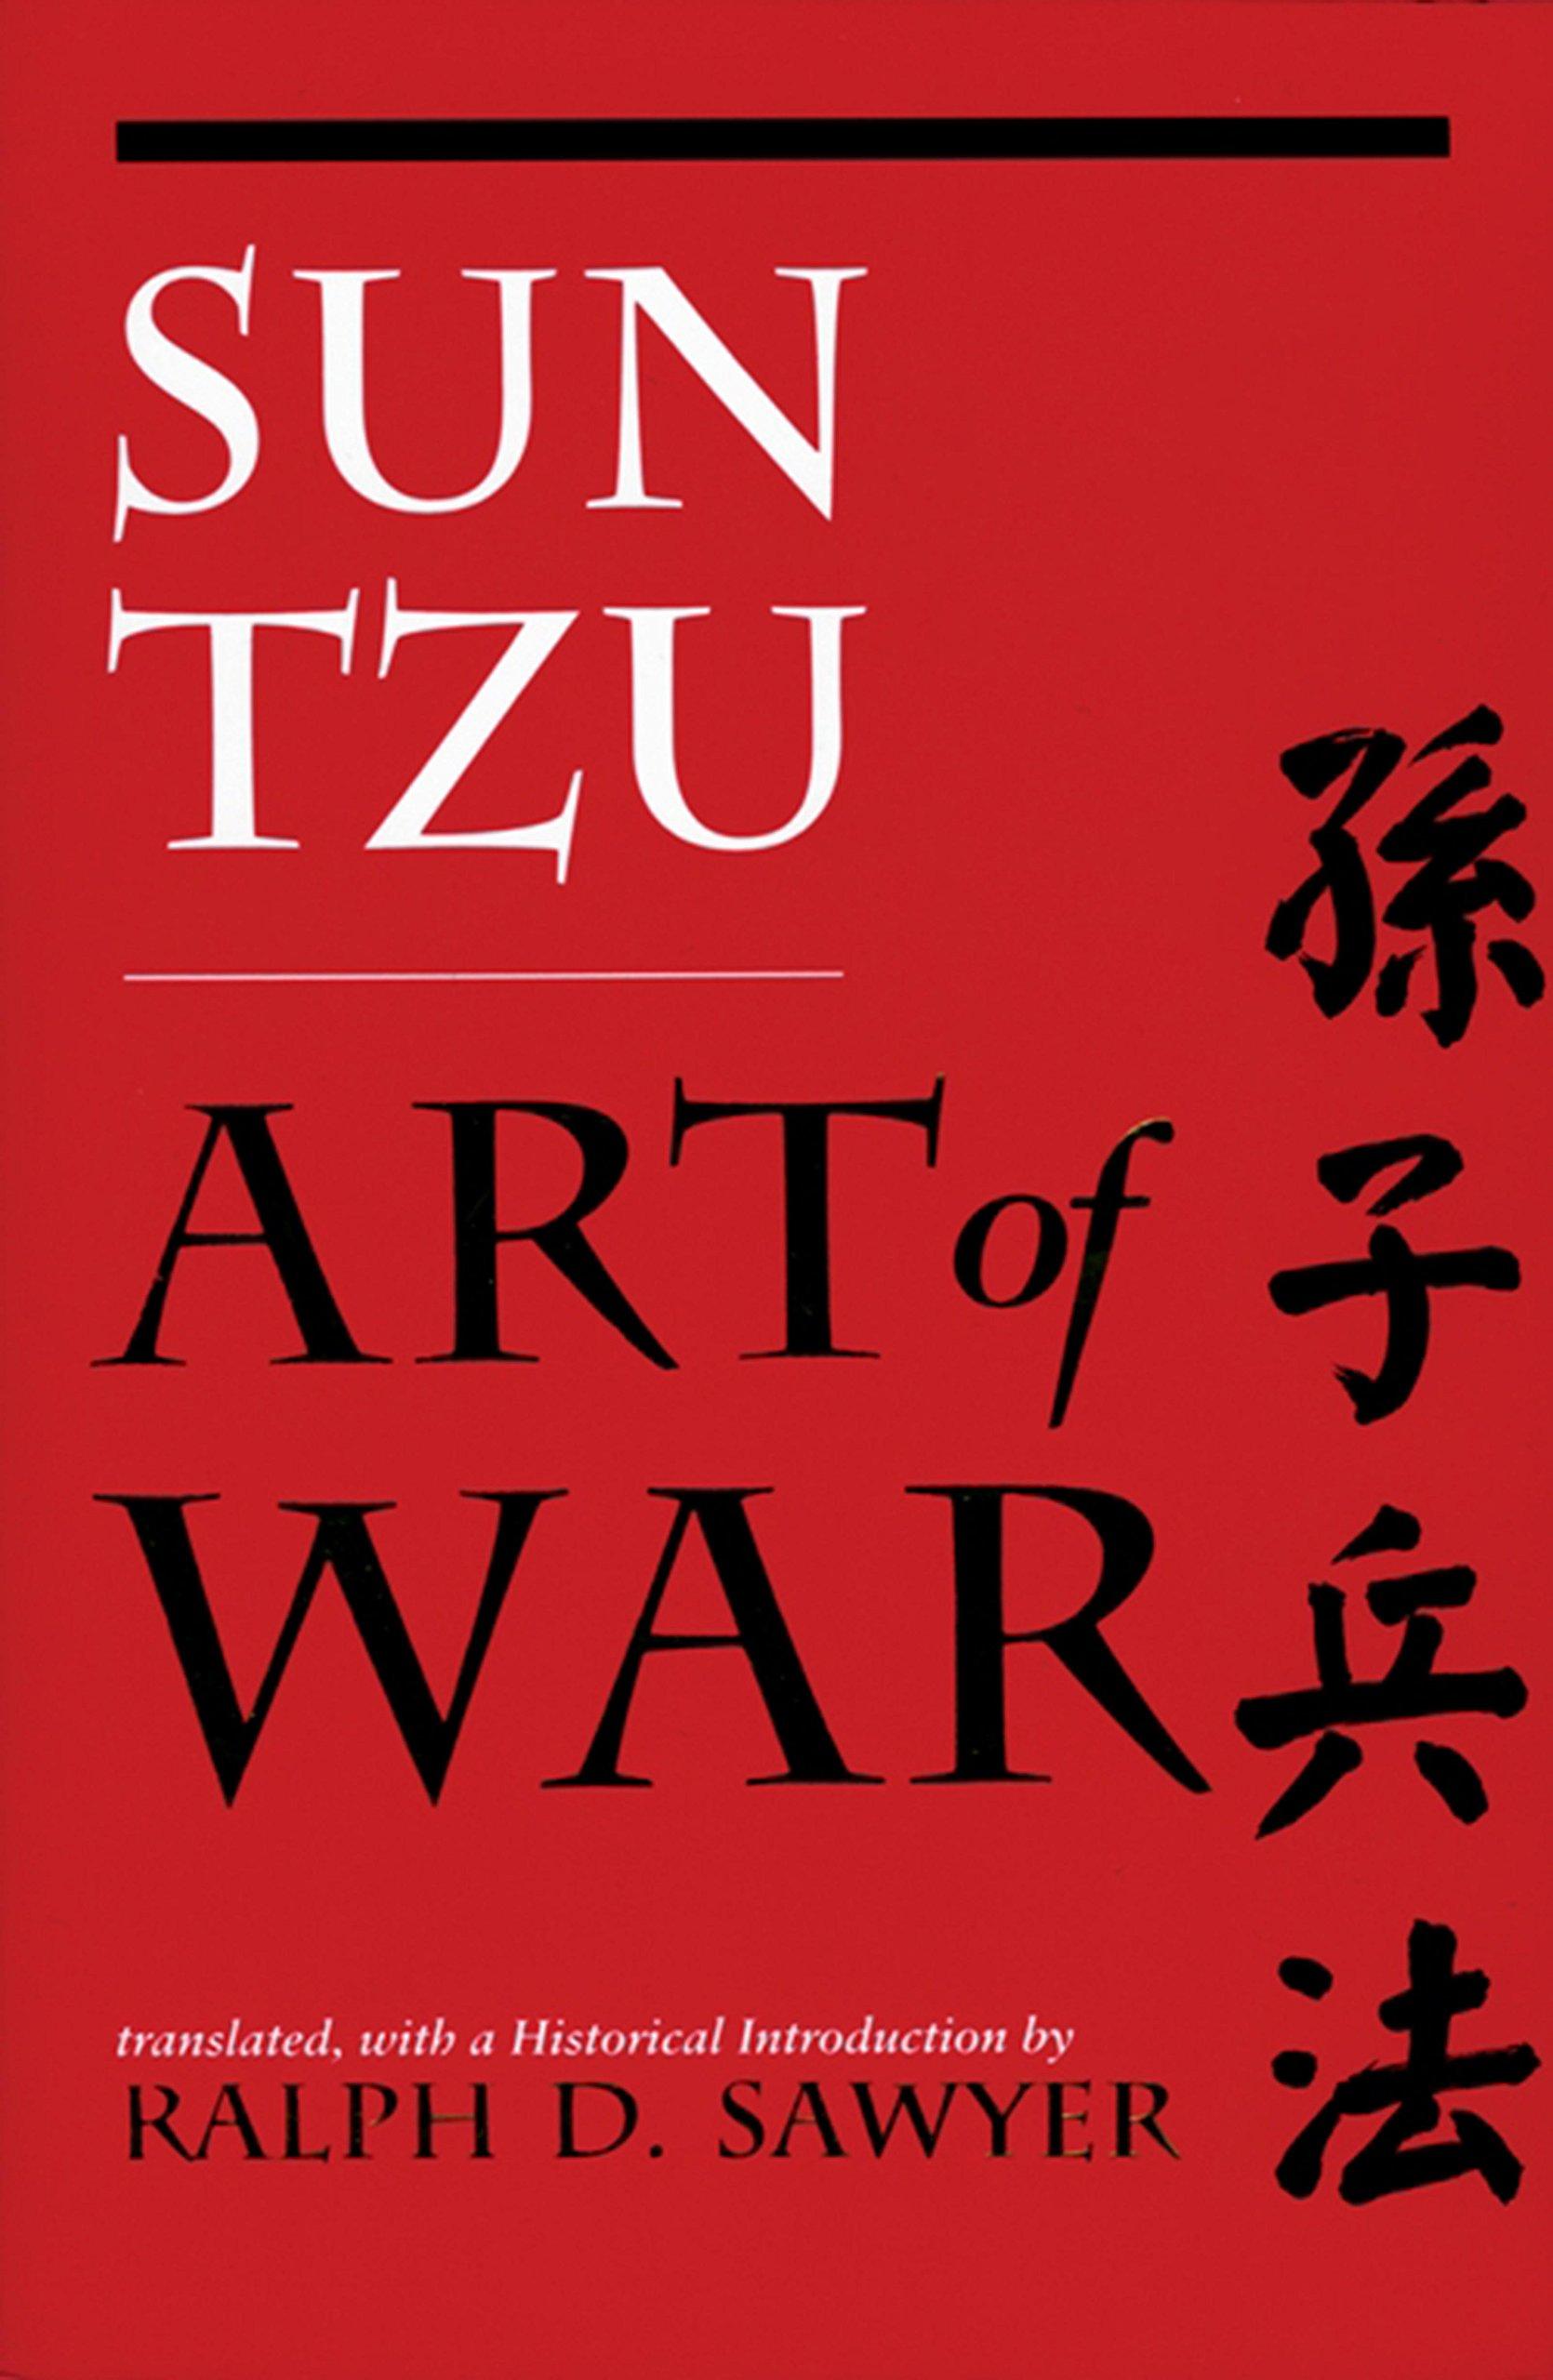 sun tzu the art of war book cover